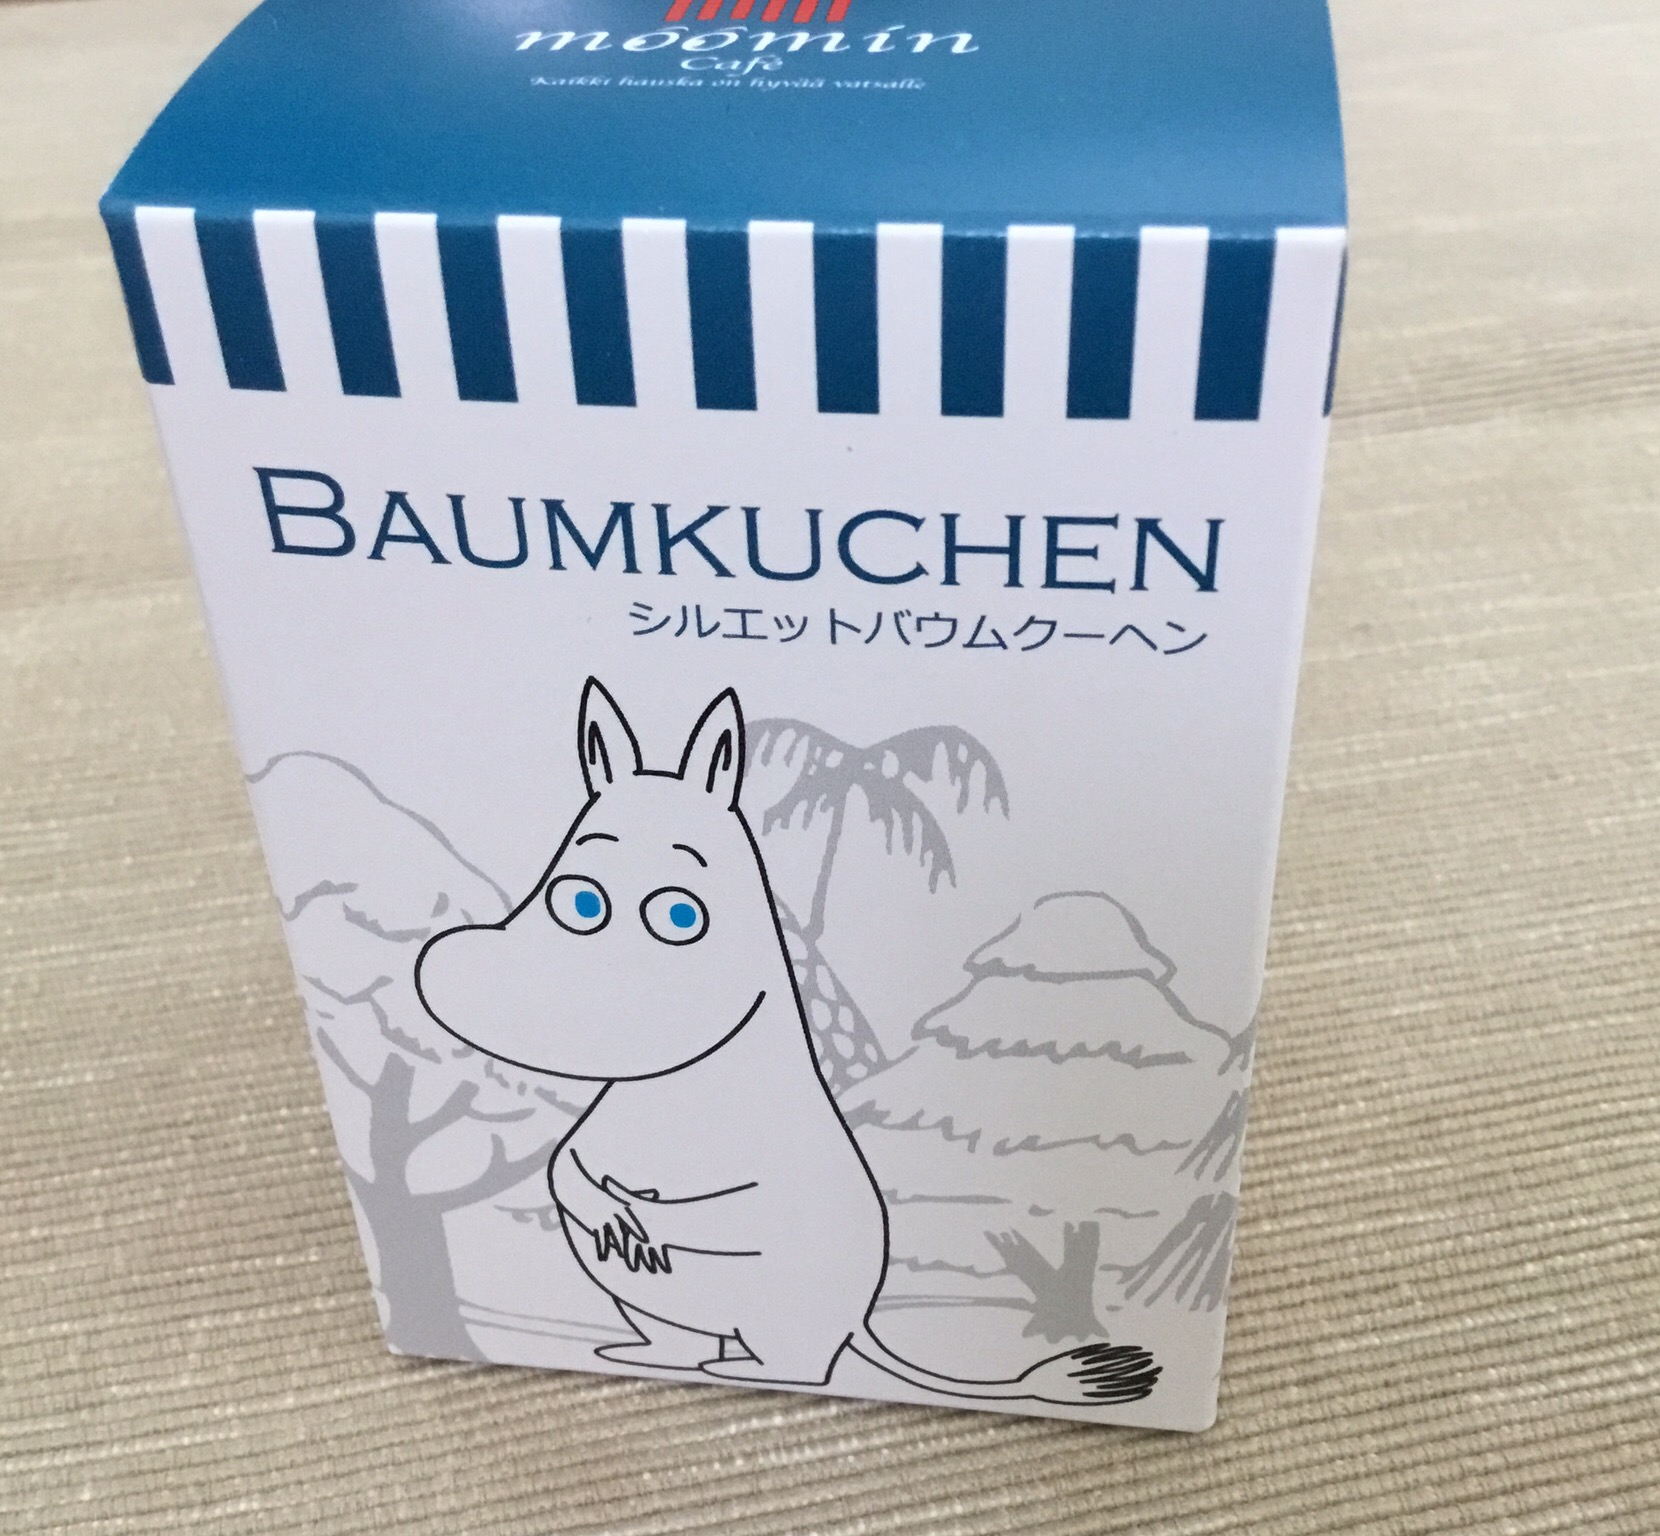 ムーミン シルエットバウム|ムーミンカフェ